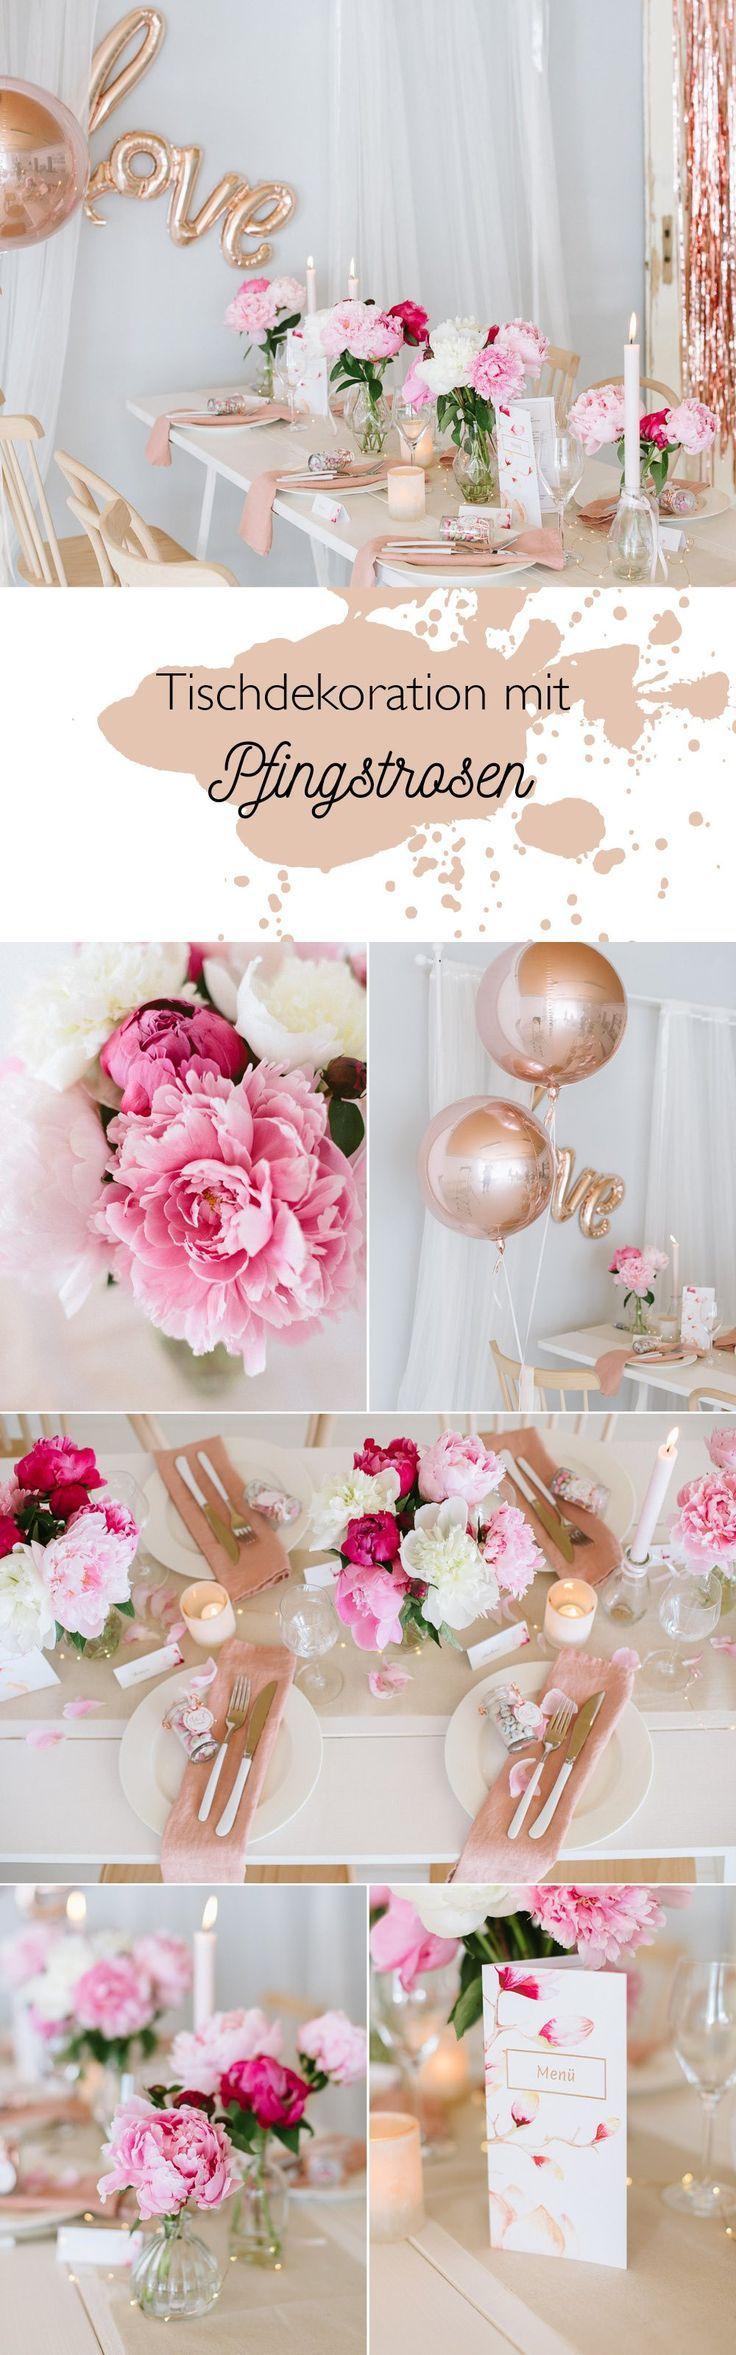 Pfingstrosen bei der Hochzeit – Tischdeko